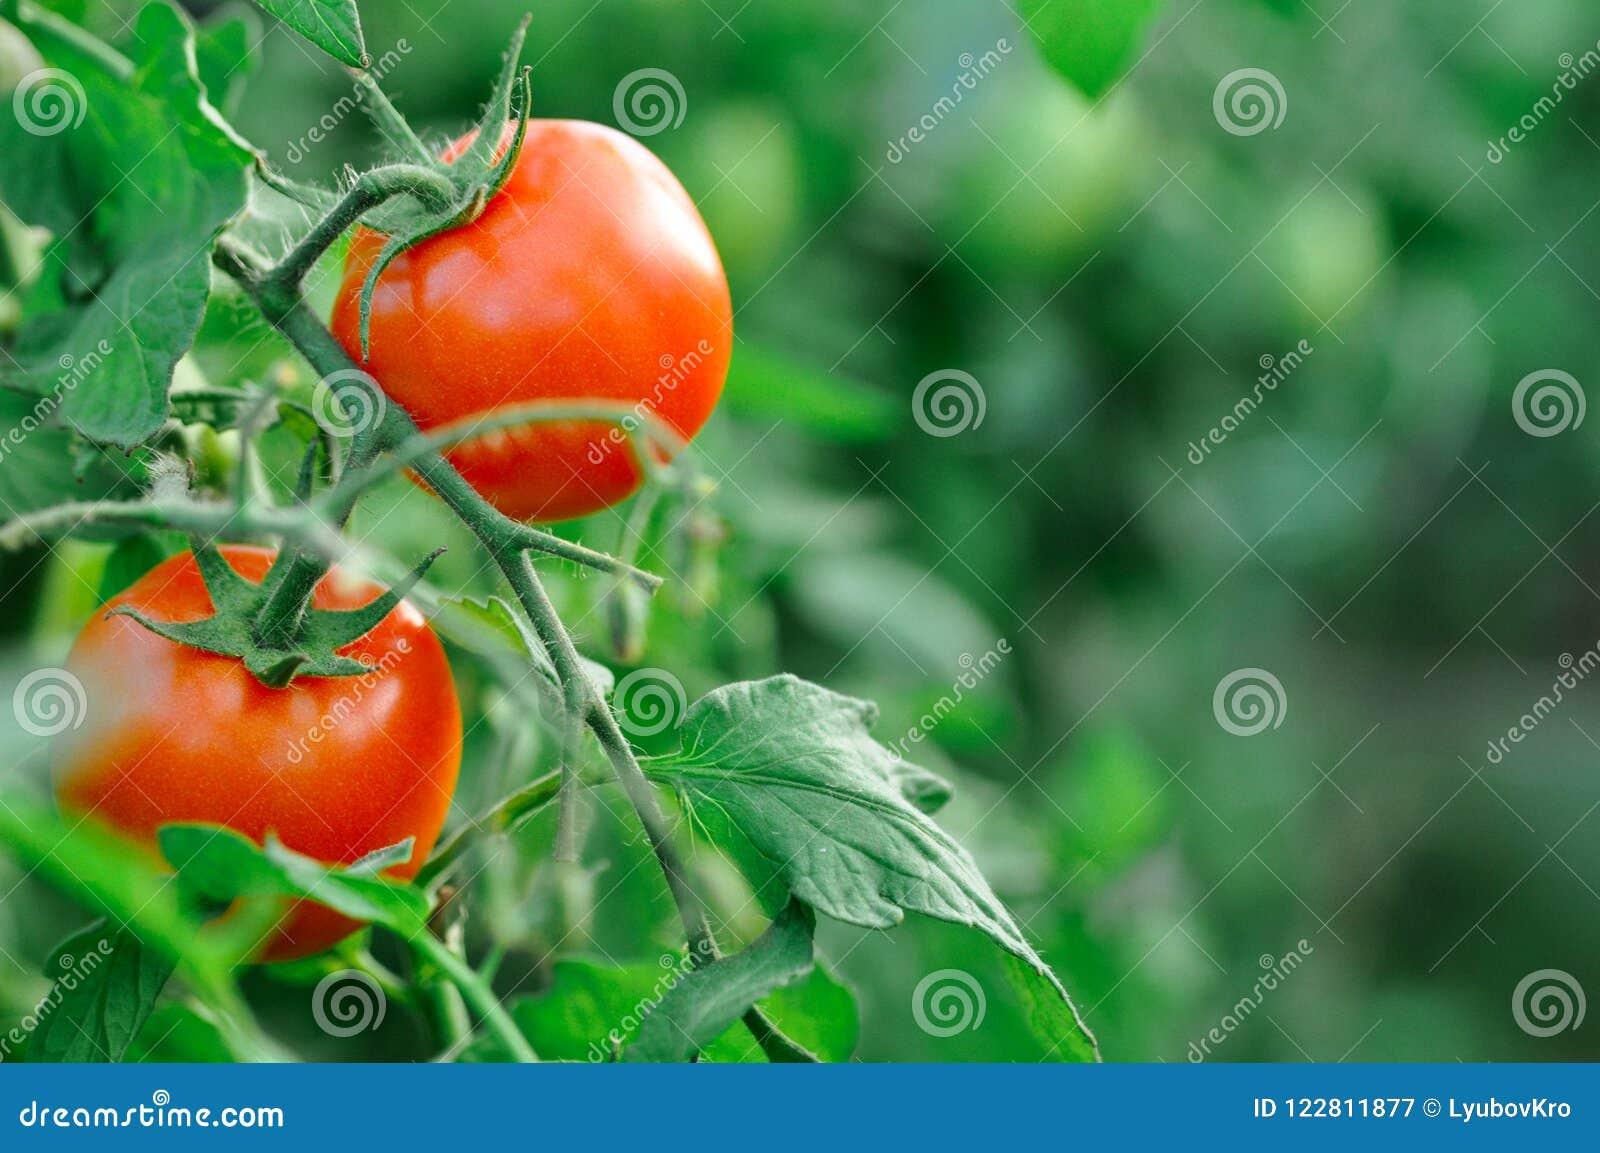 La récolte des tomates en serre chaude en automne Légumes rouges et verts